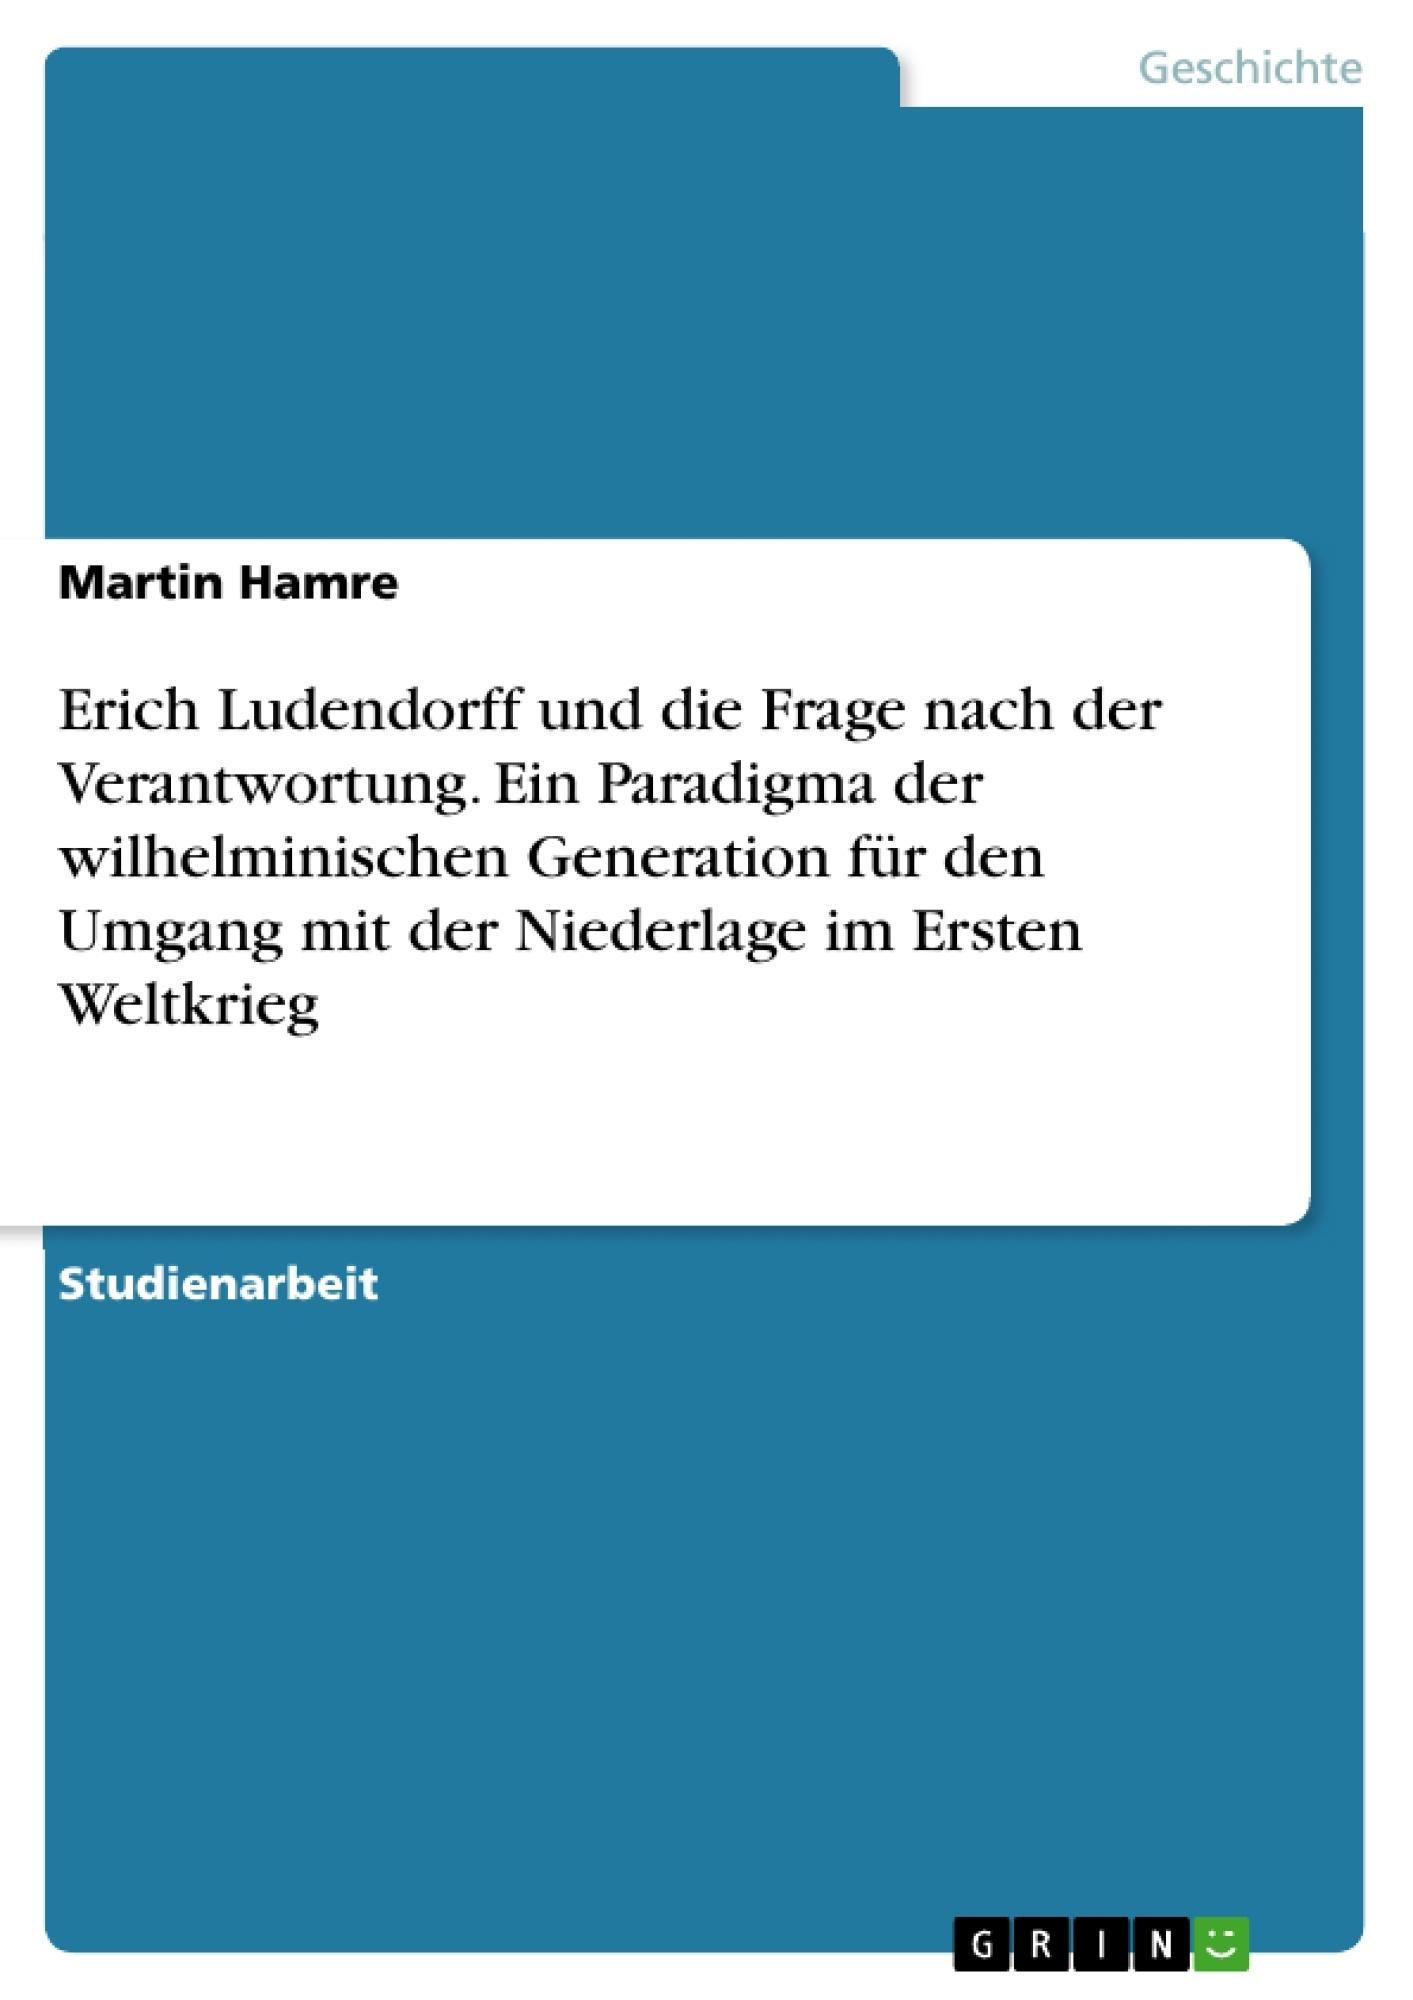 Titel: Erich Ludendorff und die Frage nach der Verantwortung. Ein Paradigma der wilhelminischen Generation für den Umgang mit der Niederlage im Ersten Weltkrieg